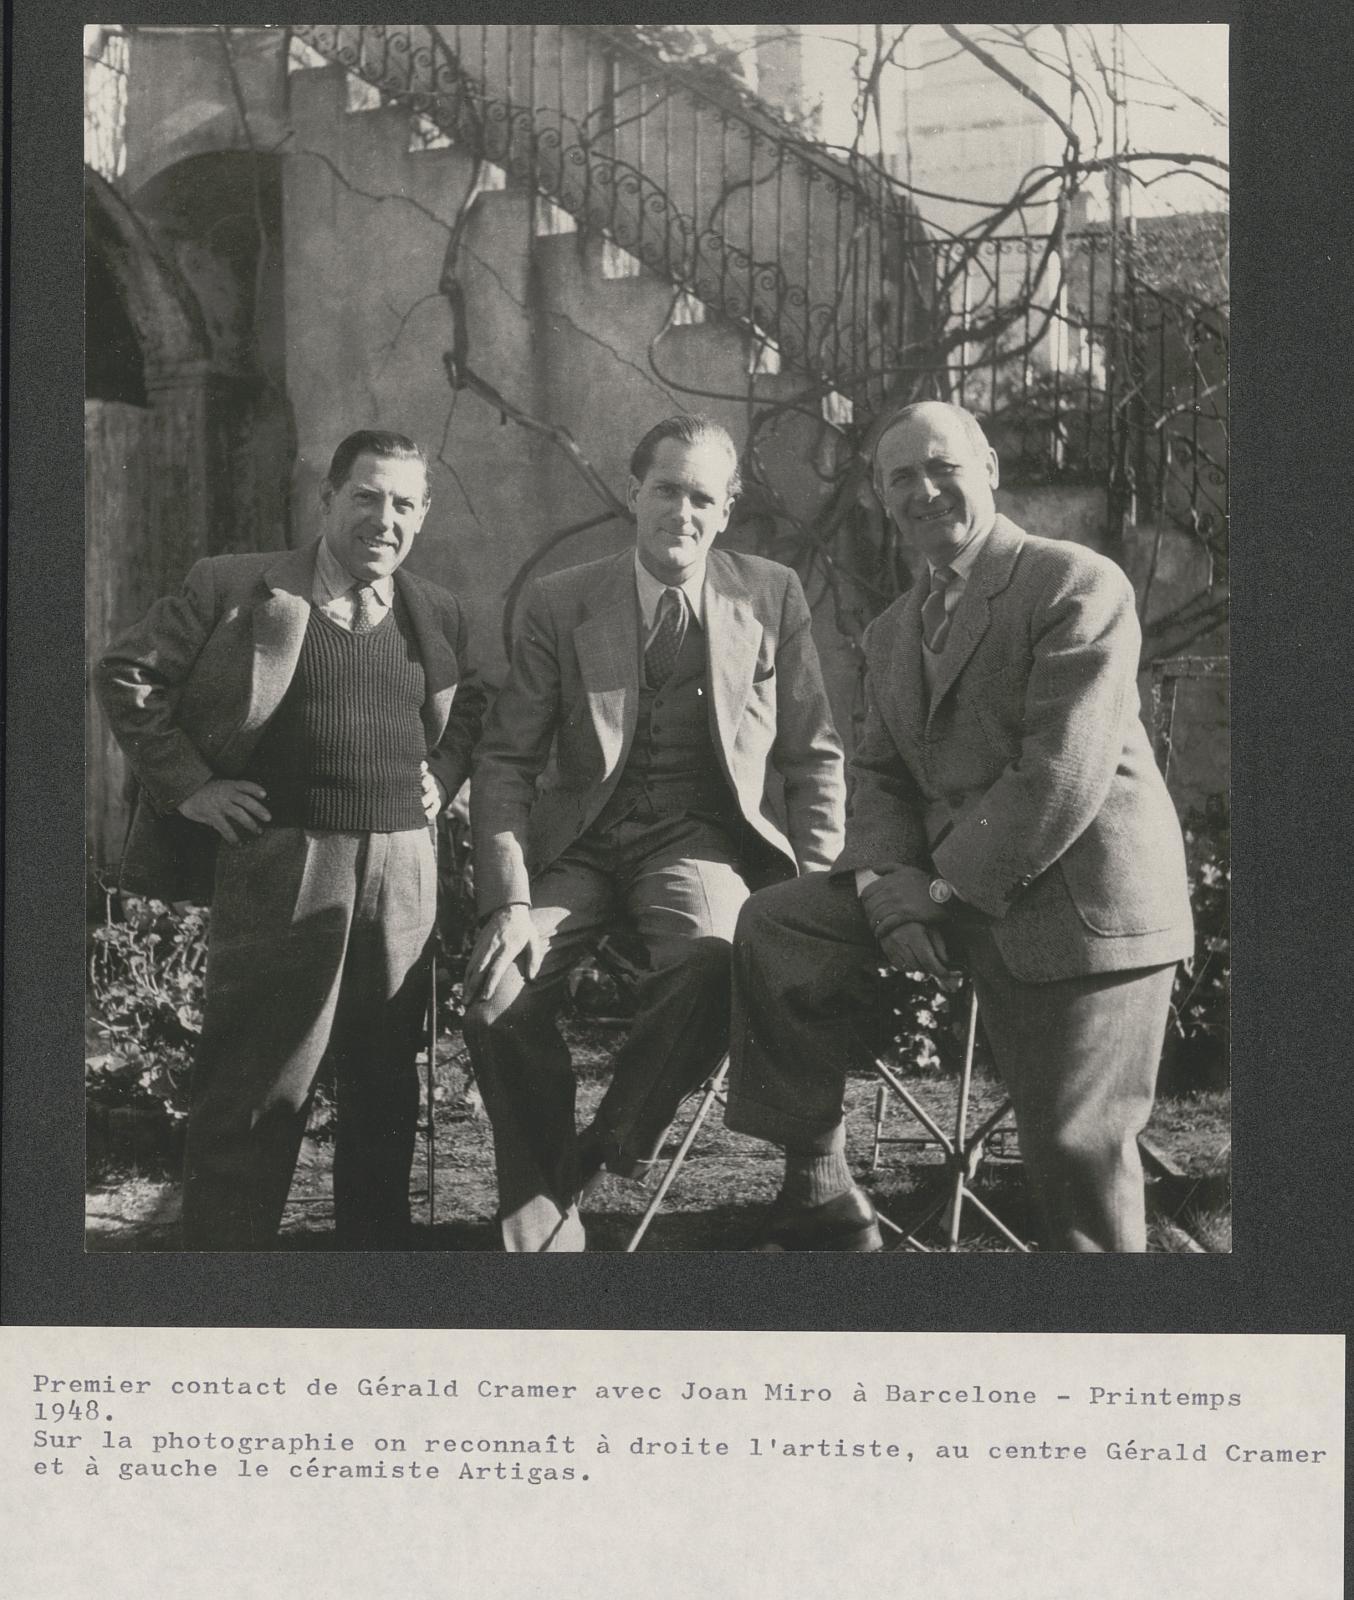 Josep Llorens Artigas, Gérald Cramer et Joan Miró : premier contact de l'éditeur avec l'artiste, Barcelone printemps, 1948.